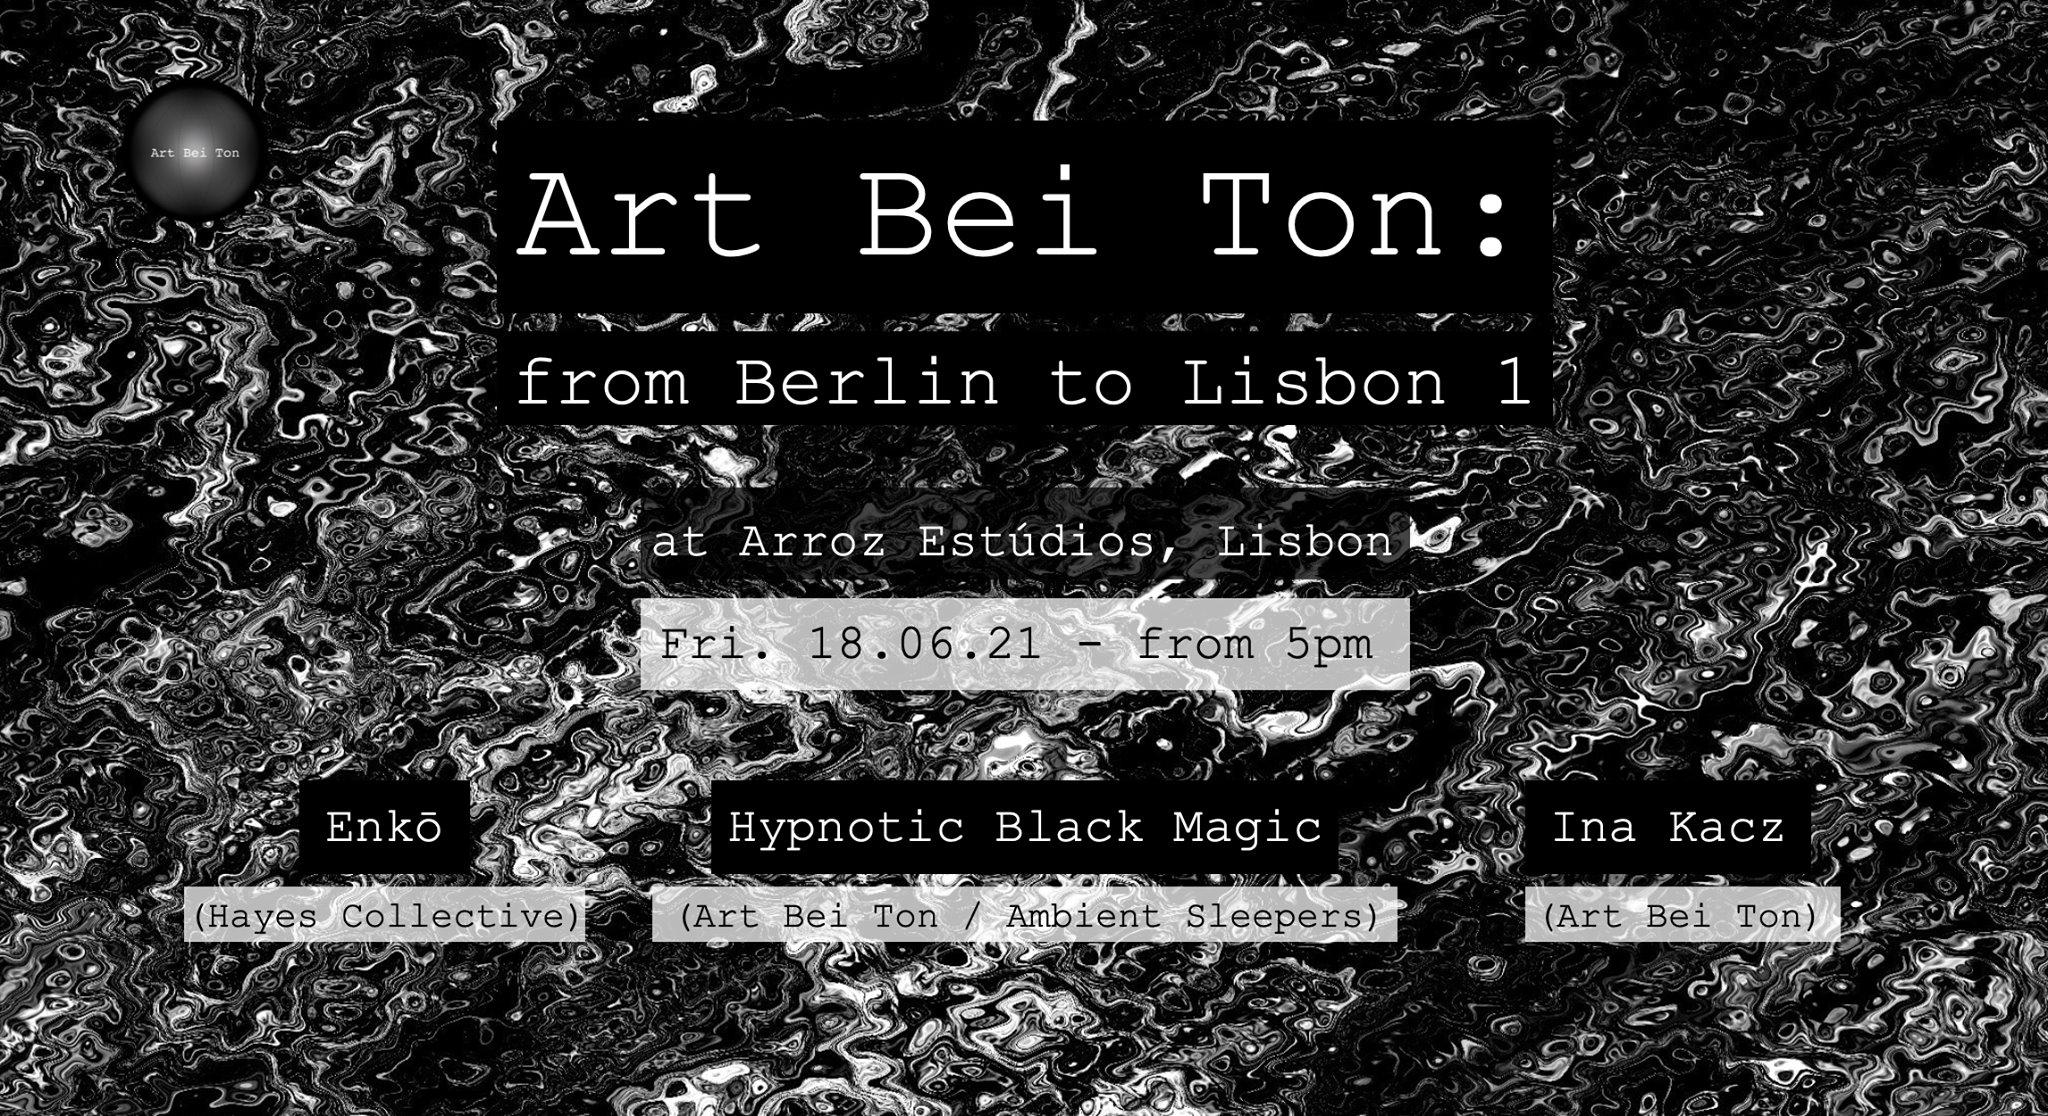 Art Bei Ton: from Berlin to Lisbon 1